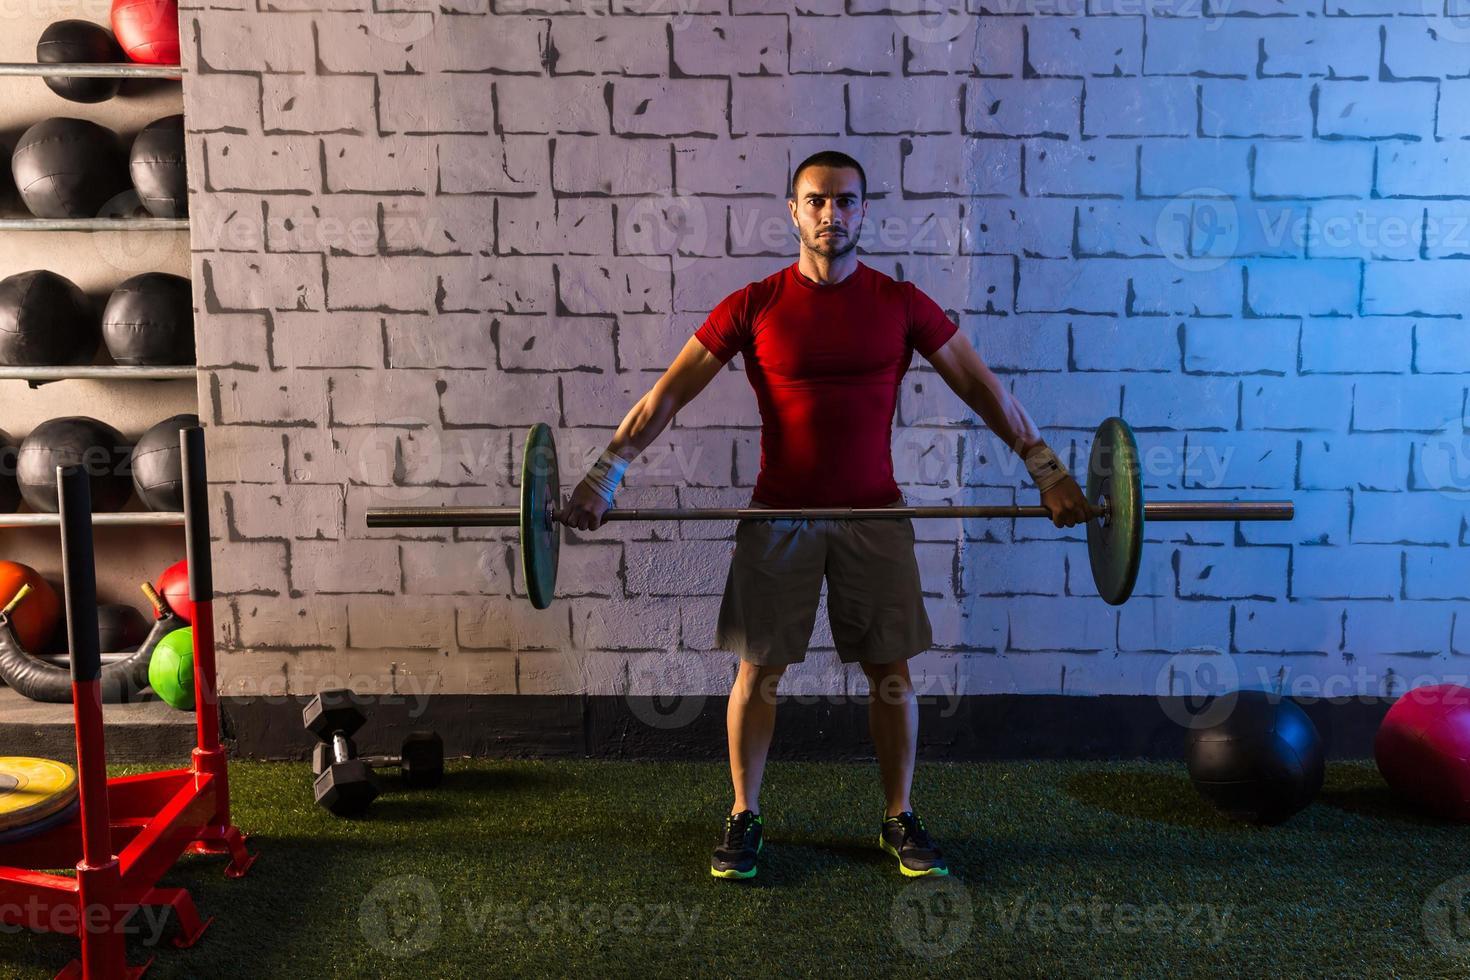 barra levantamiento de pesas hombre entrenamiento ejercicio gimnasio foto